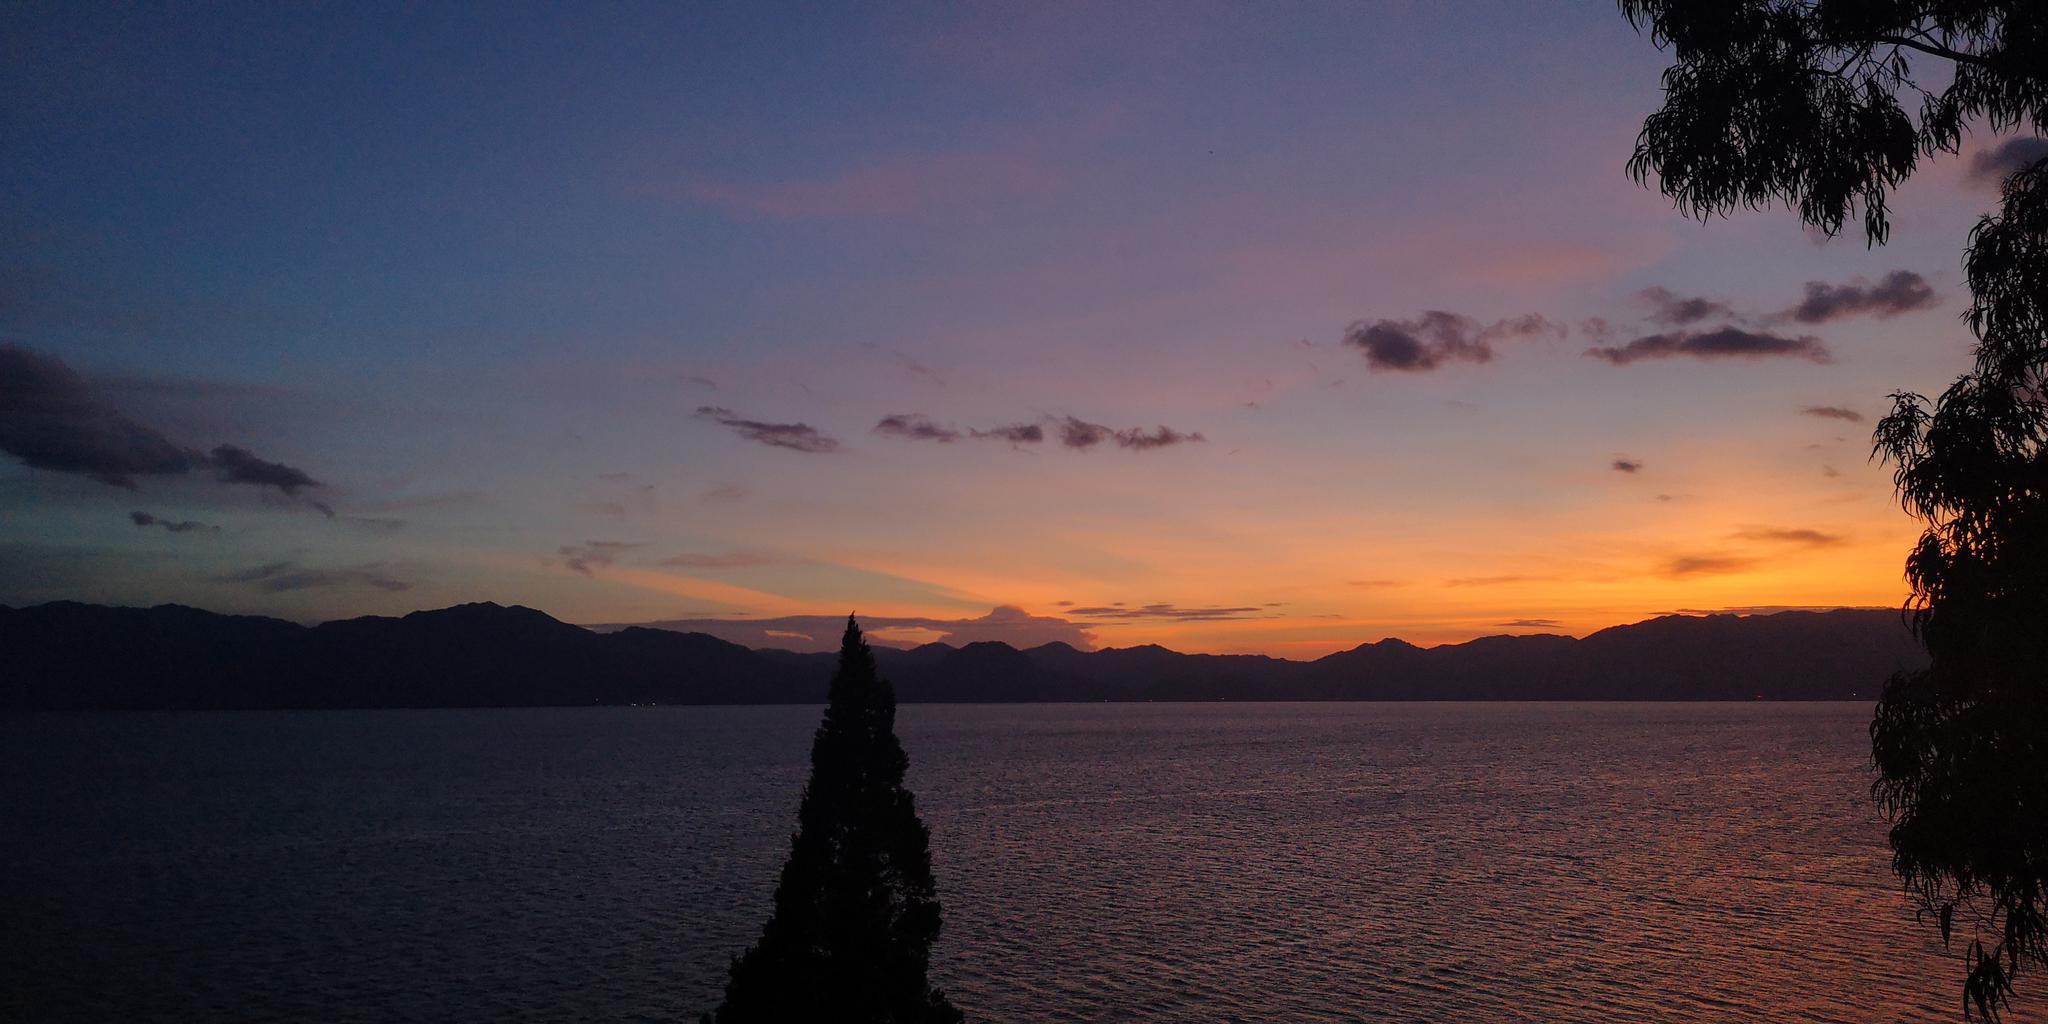 云南天文台抚仙湖太阳观测站上空的夕阳!